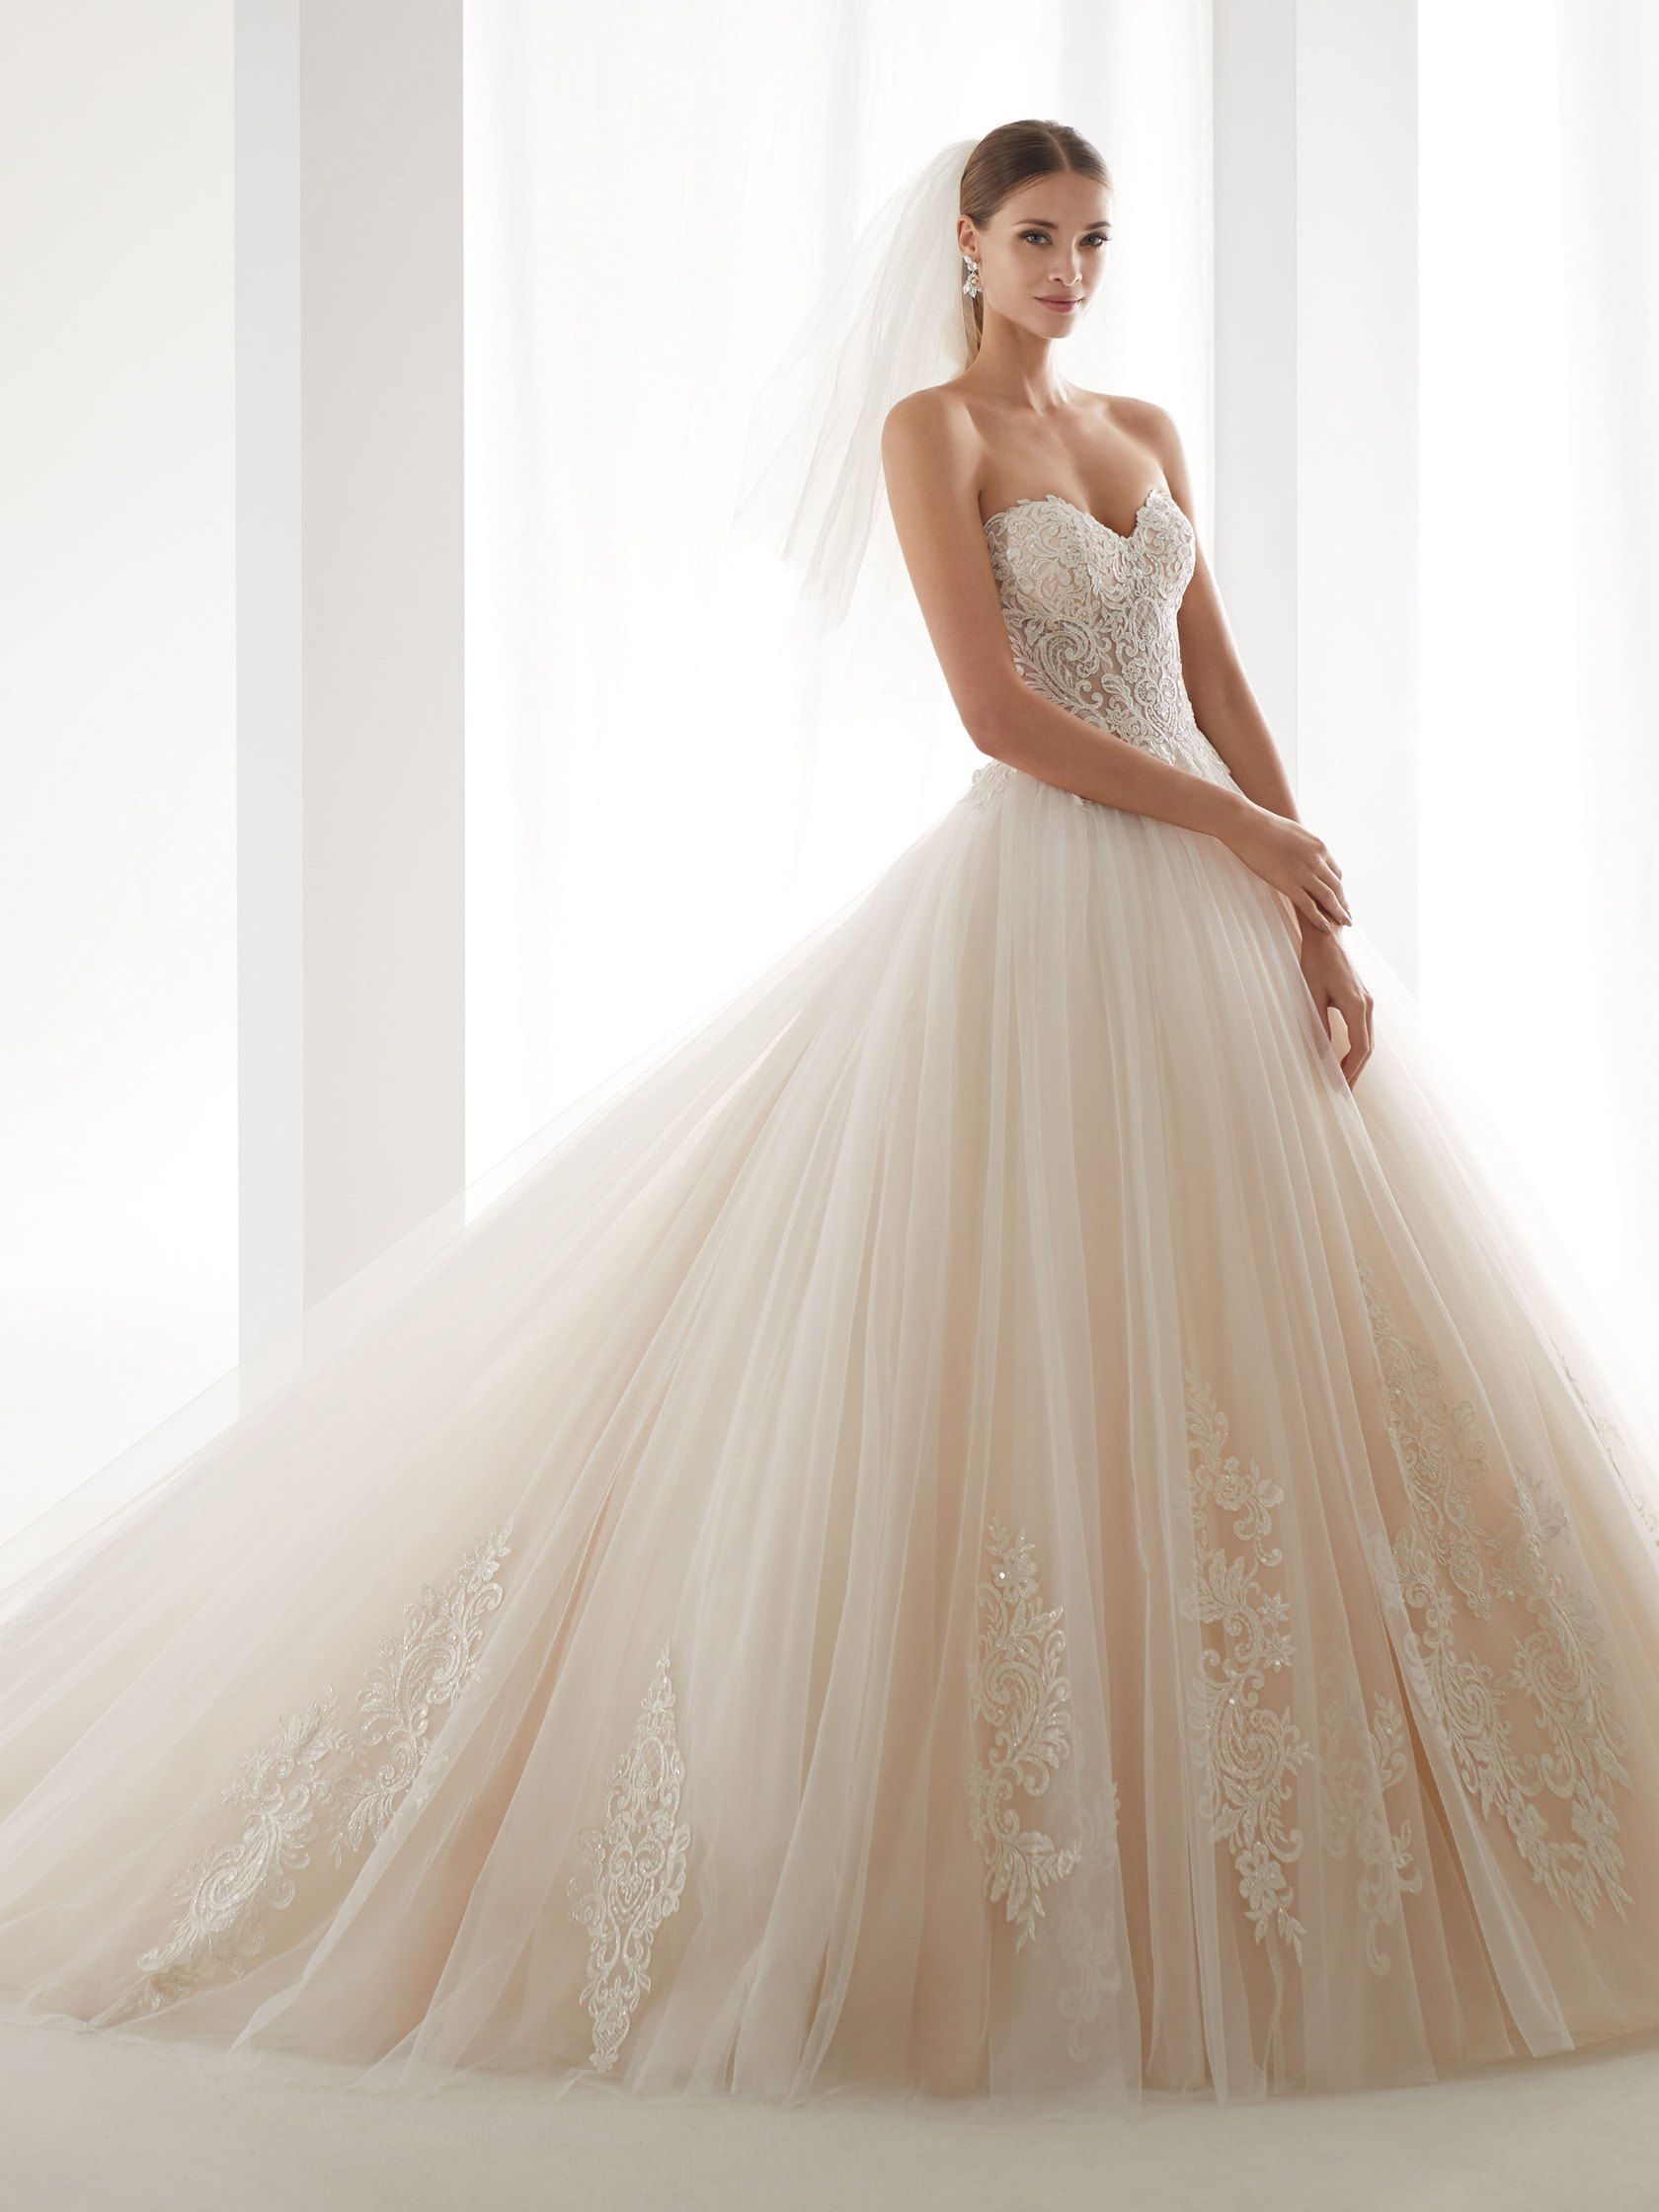 miglior sito sconto in vendita a basso costo abito da sposa ampio 2019 nicole spose collezione aurora ...